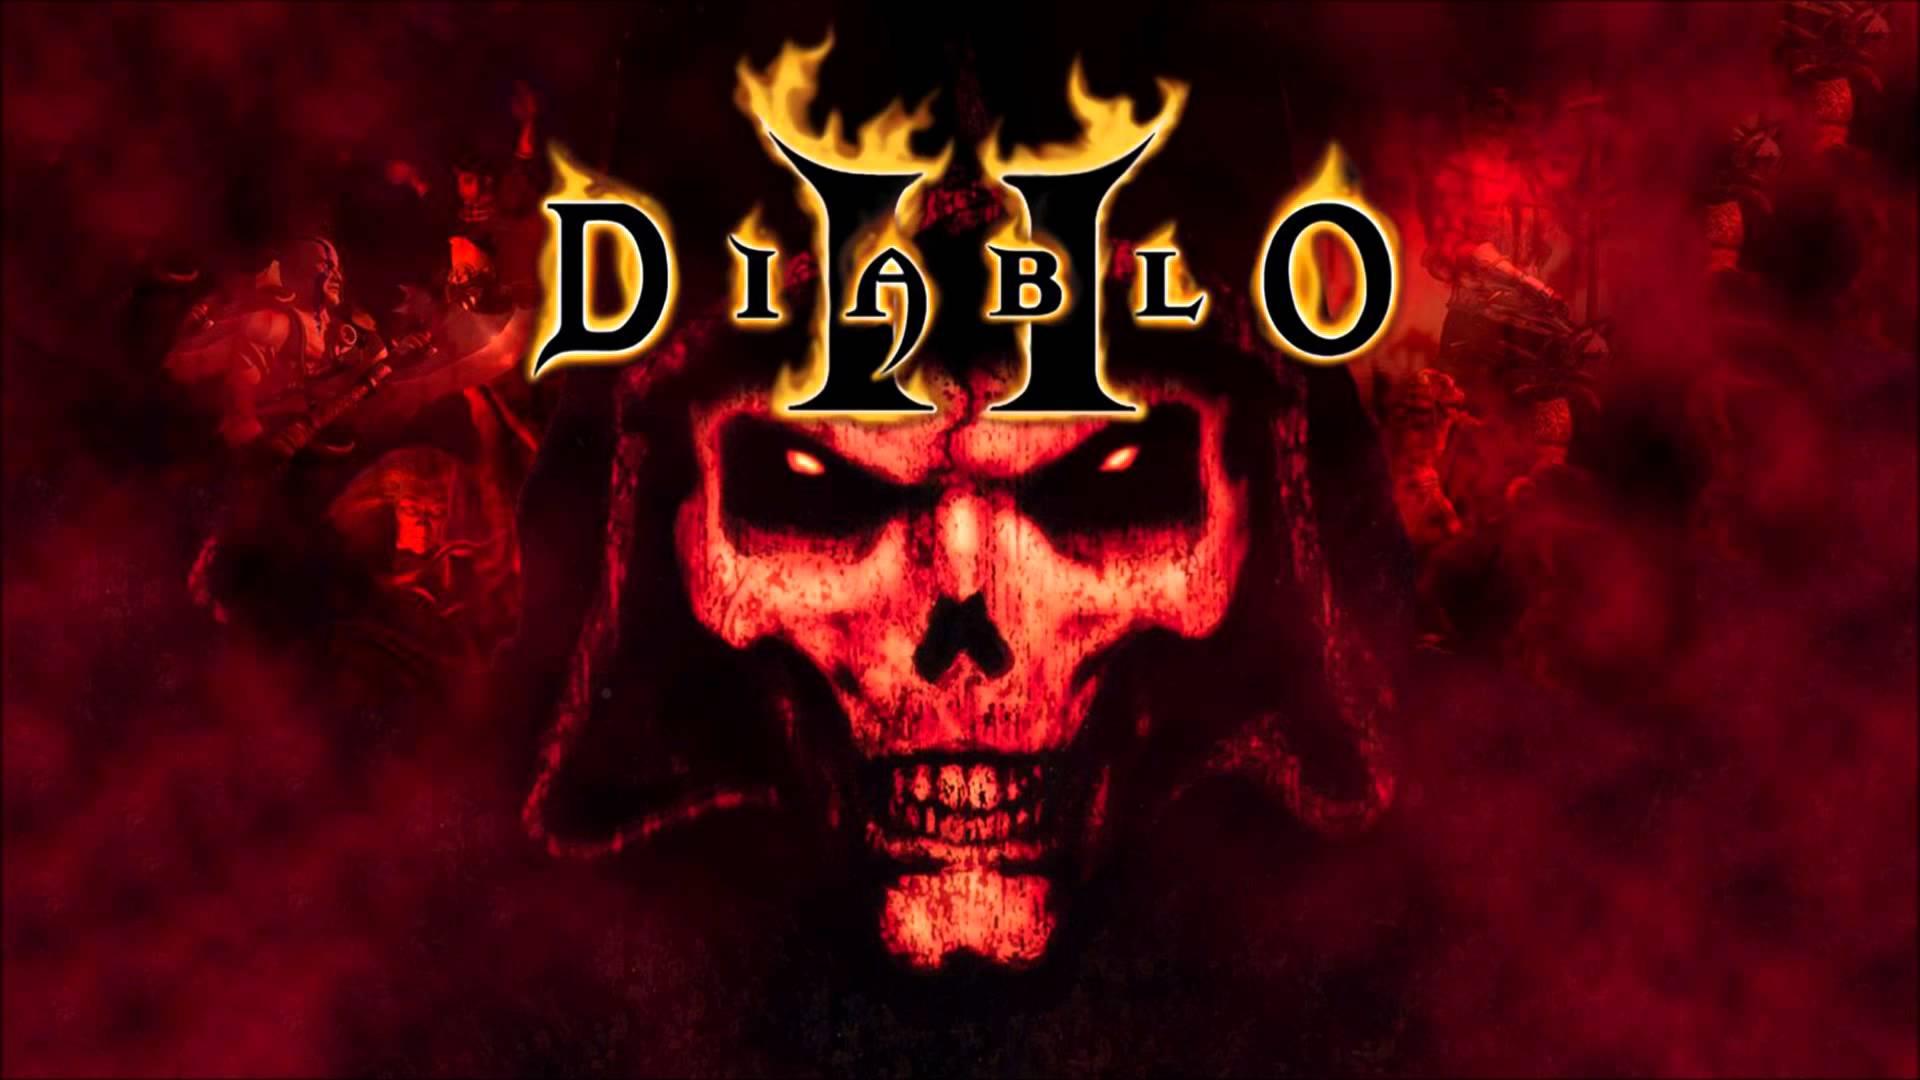 Diablo 2 Title